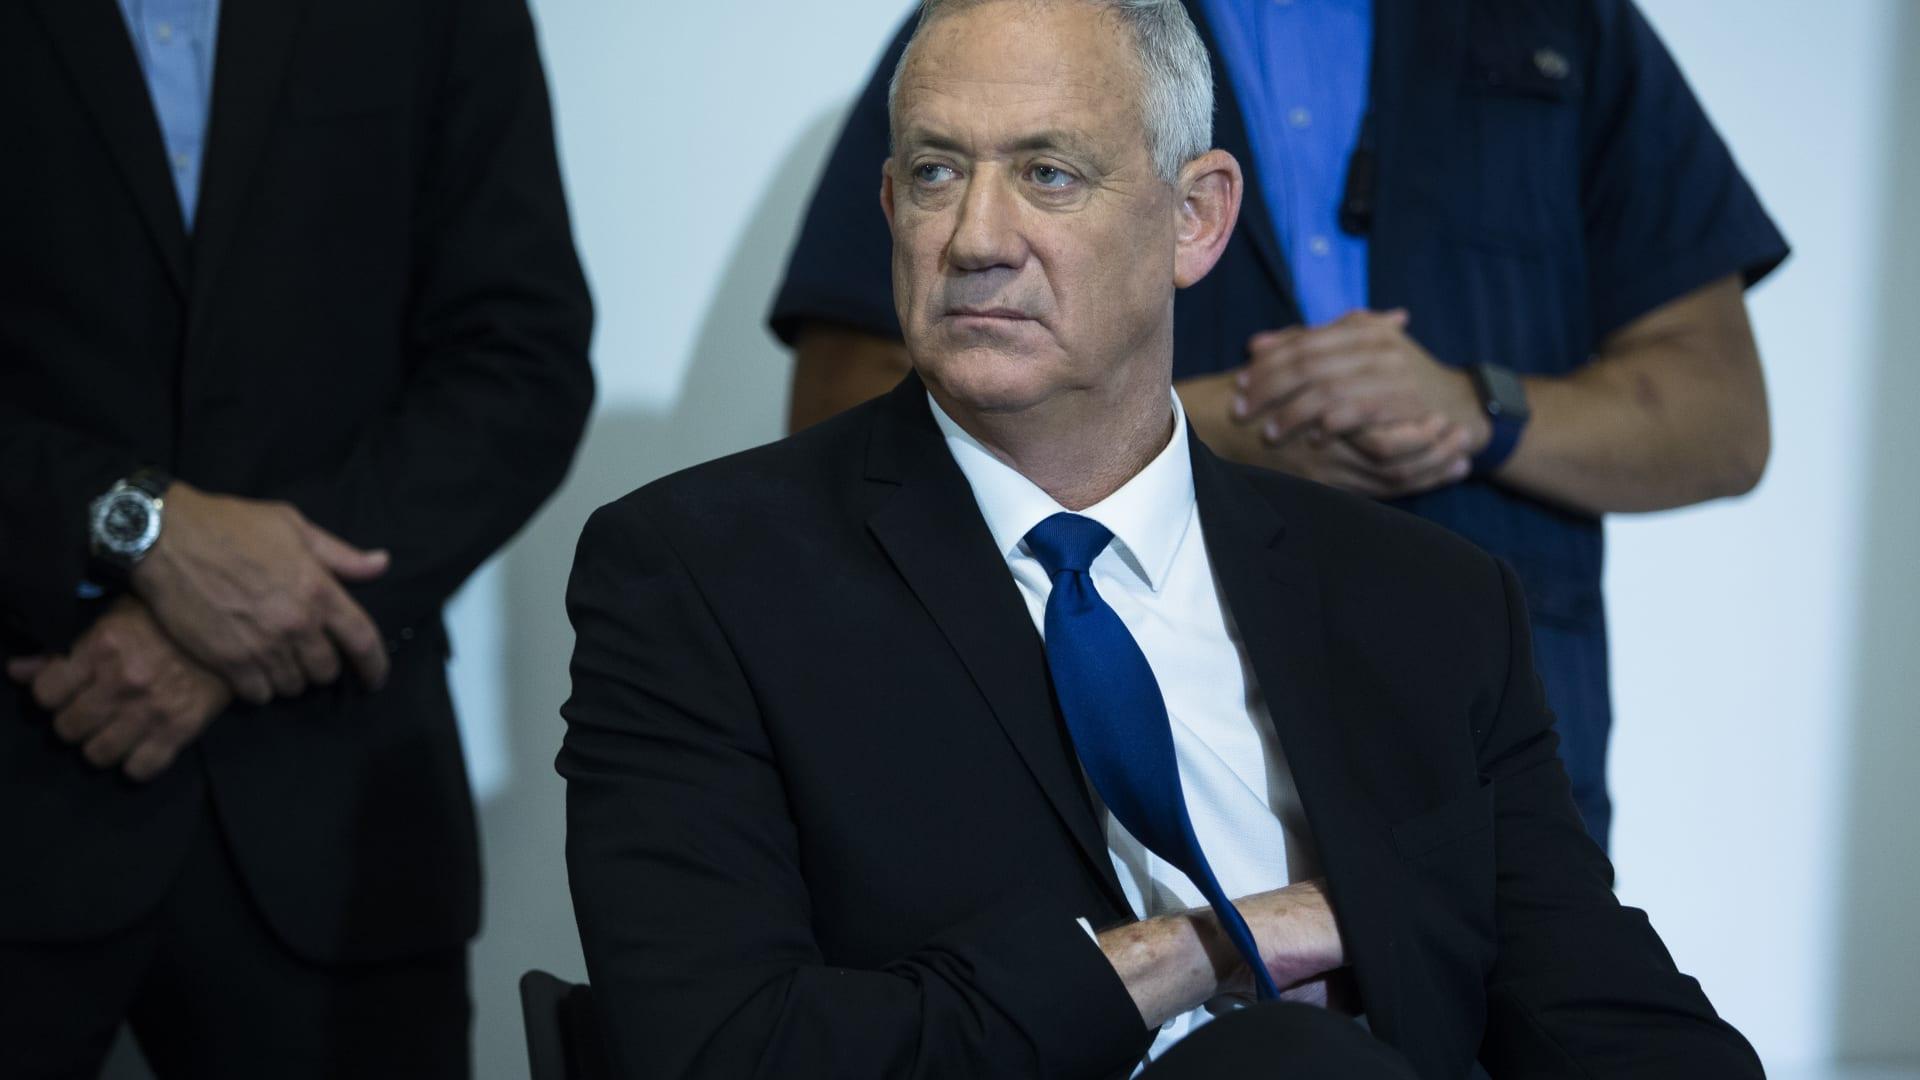 """رسميًا.. حزب أزرق أبيض في صدارة انتخابات الكنيست الإسرائيلي.. و""""ليكود نتنياهو"""" ثانيًا"""